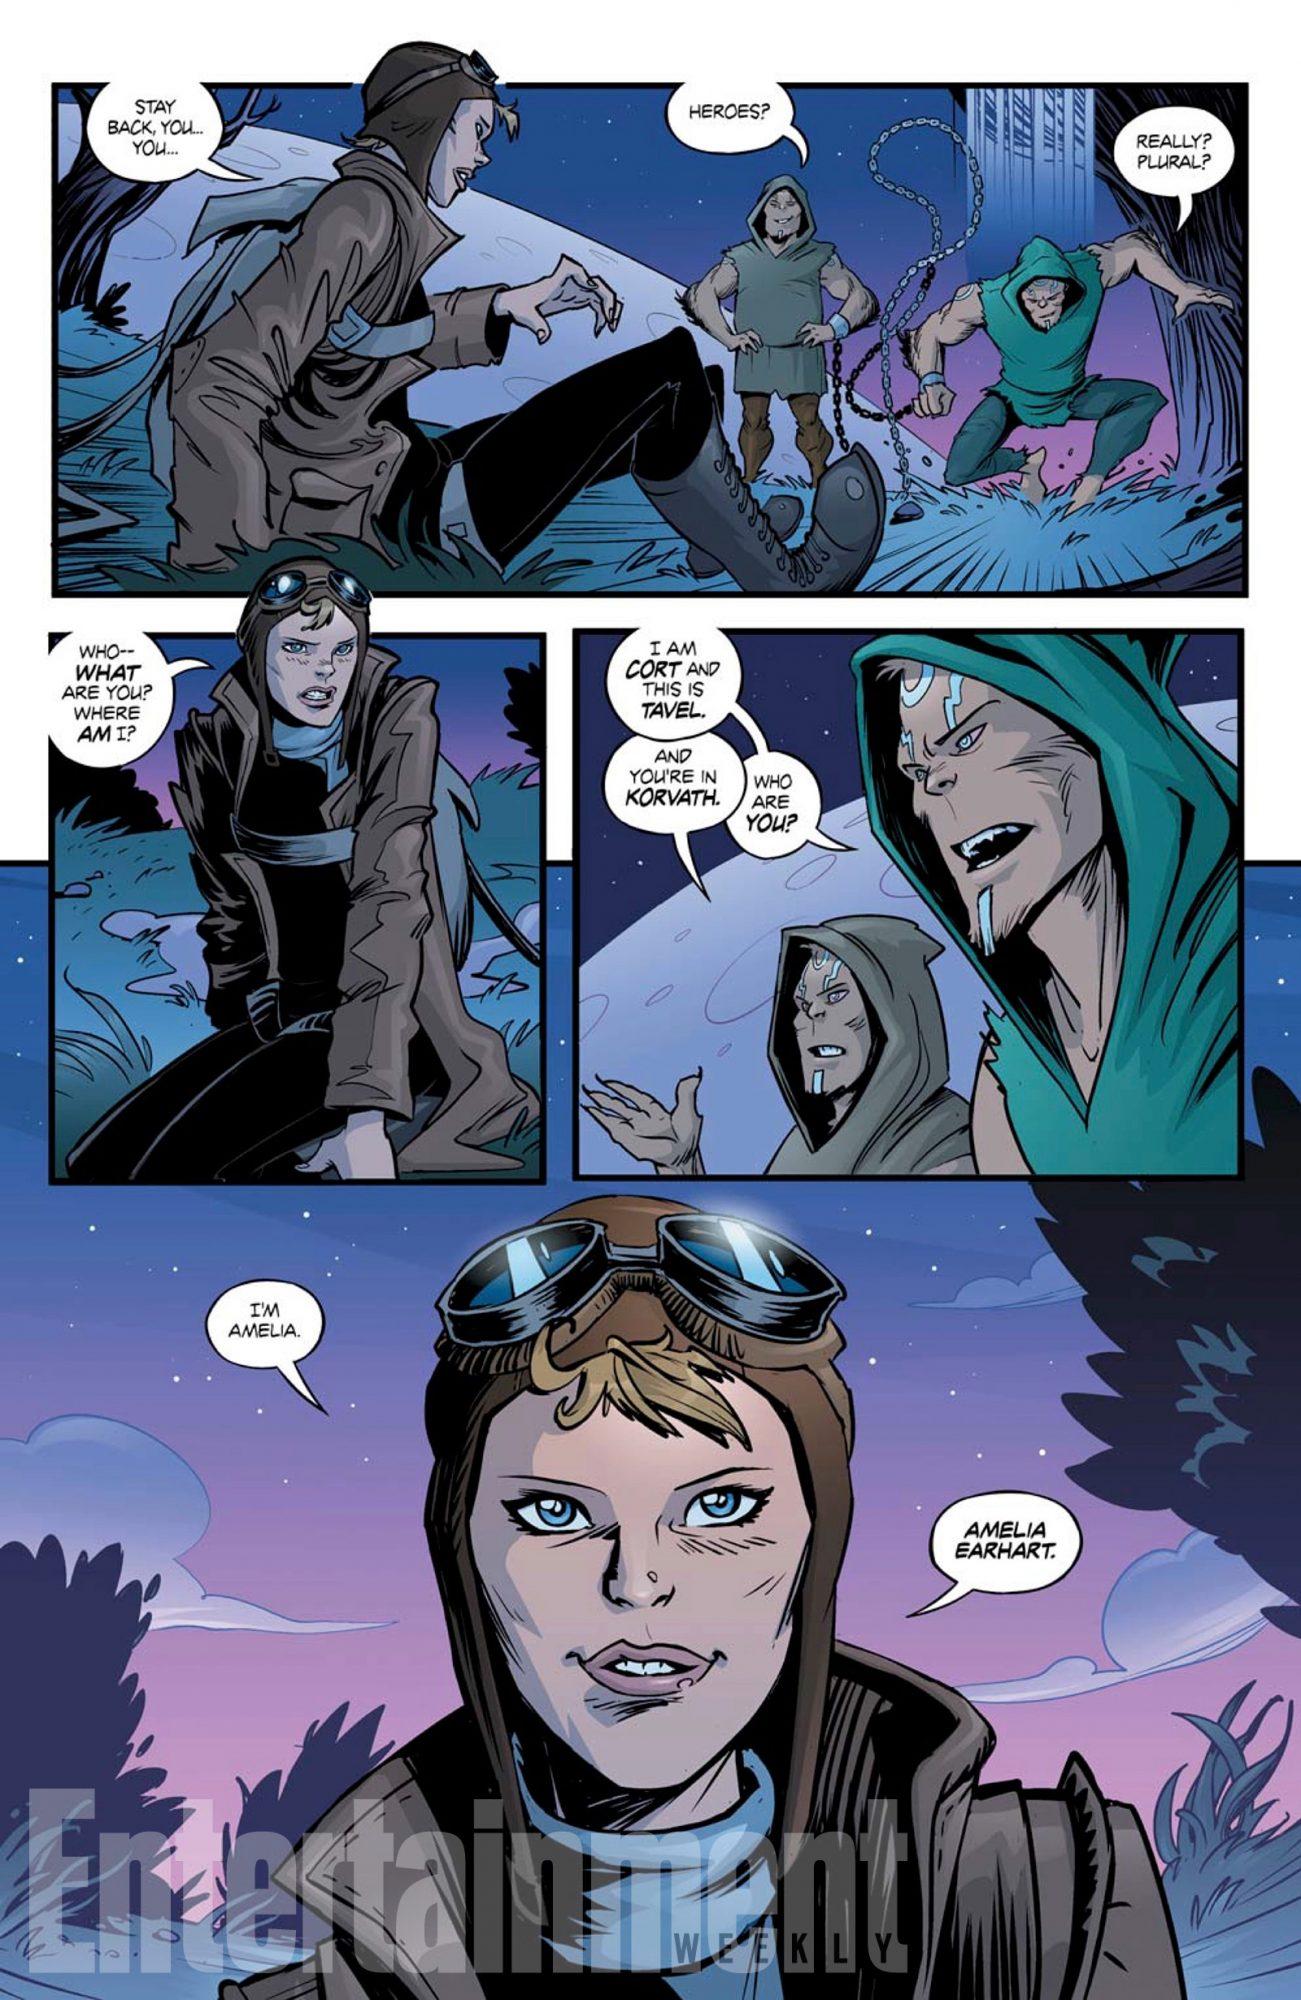 Amelia Earhart Elsewhere Comic Book